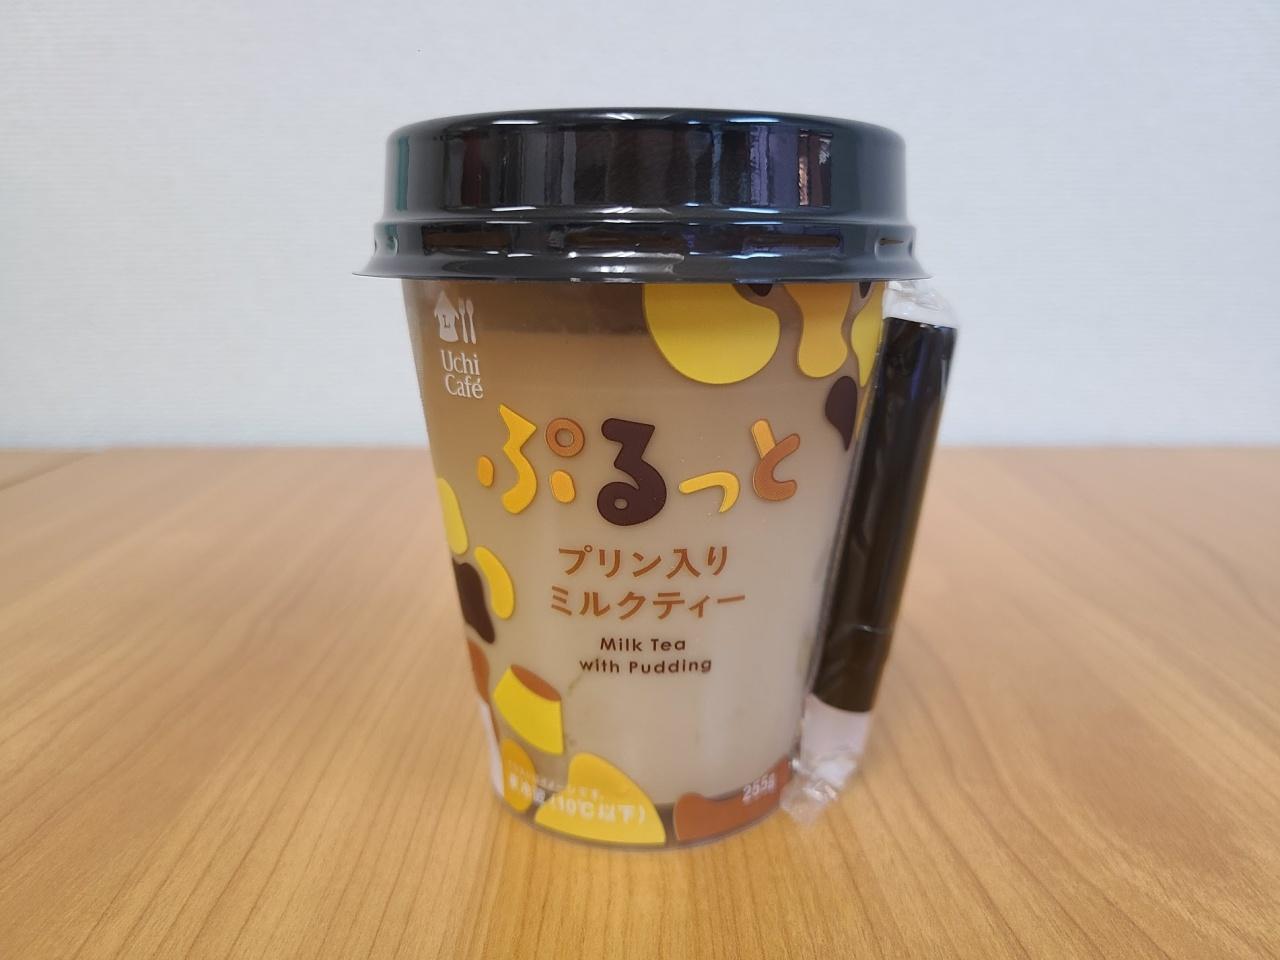 ローソンの新商品『ぷるっとプリン入りミルクティー』のプリンをスプーンですくってみたら…結構入ってる!!